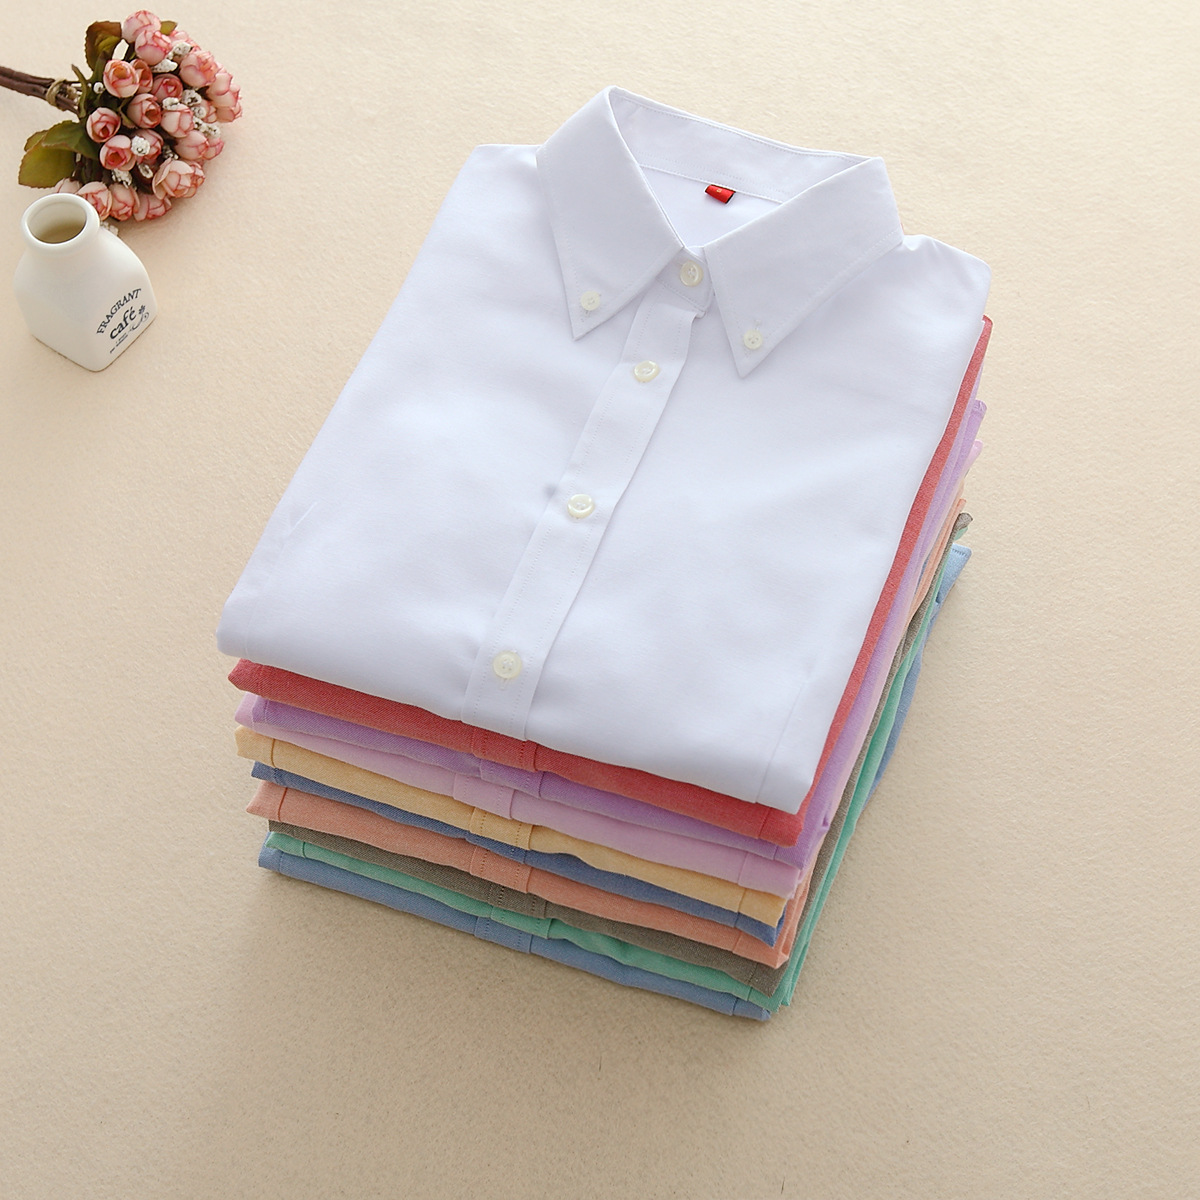 FEKEHA Frauen Blusen 2018 Langarm Oxford Damen Tops Büro Langarm Shirts Frauen Student Blusas Camisas Mujer